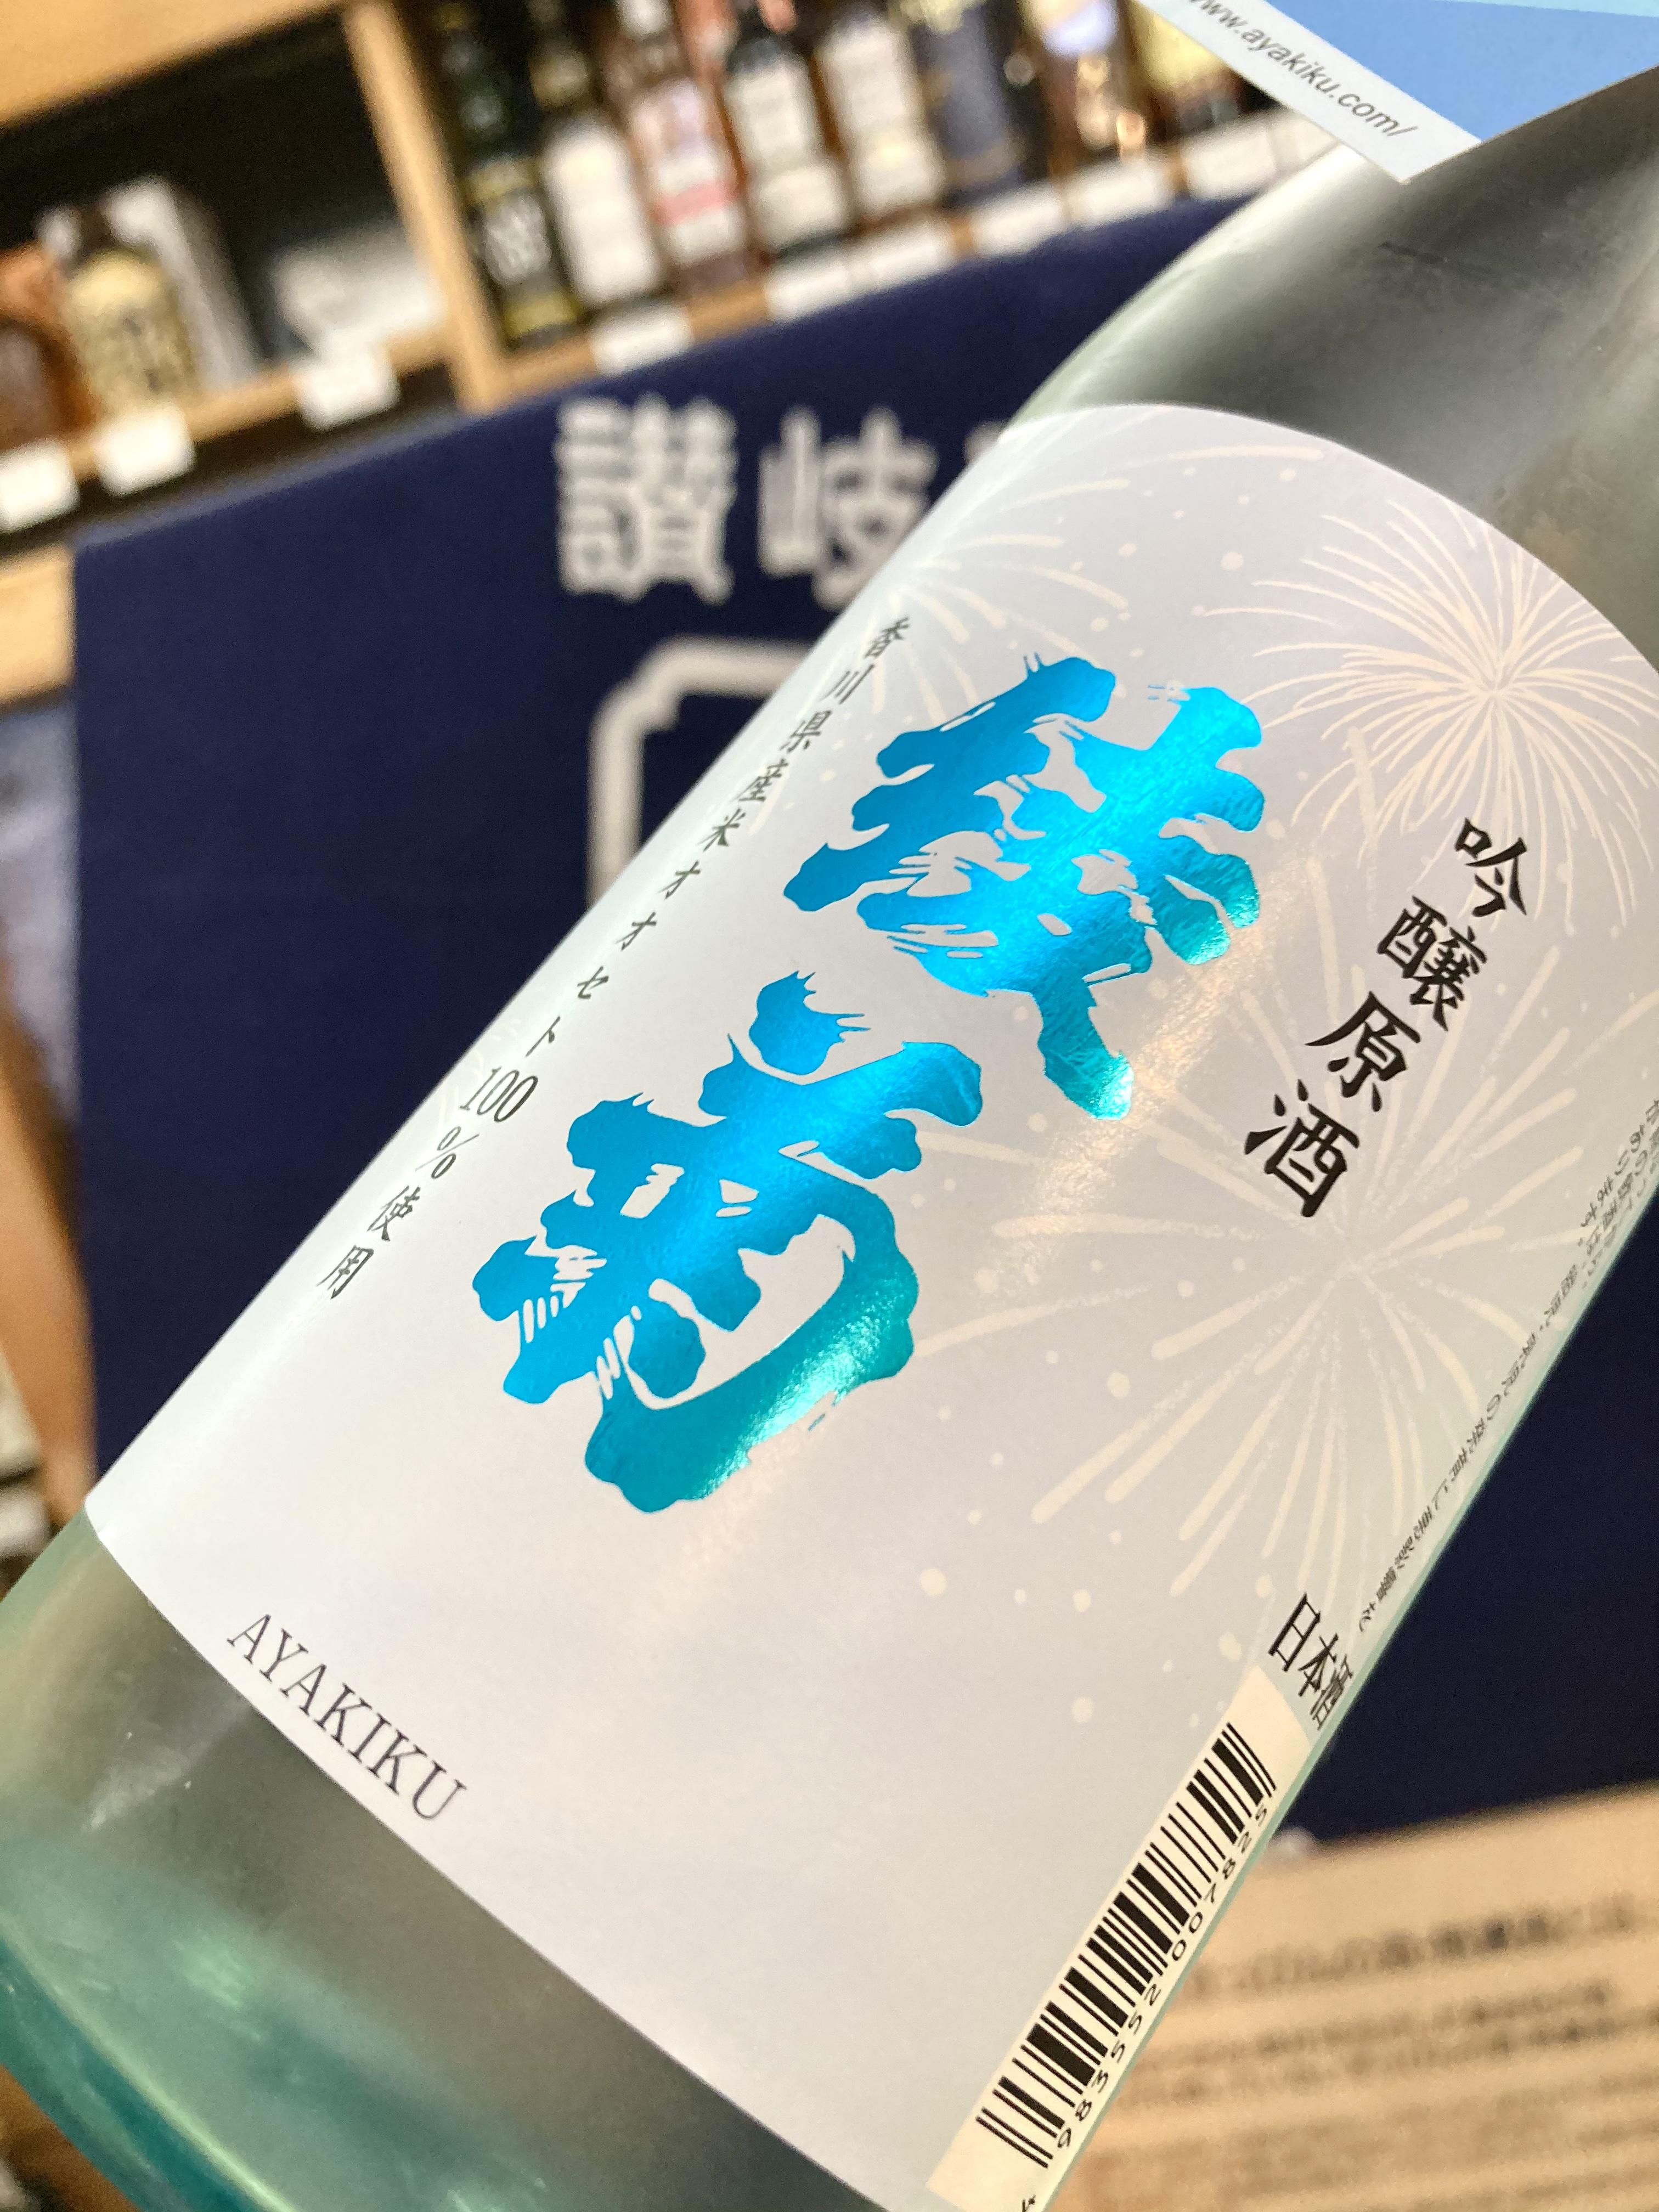 香川県【綾菊酒造】さんの、これからの時季にピッタリな限定酒☆ 『綾菊 吟醸原酒 無濾過』